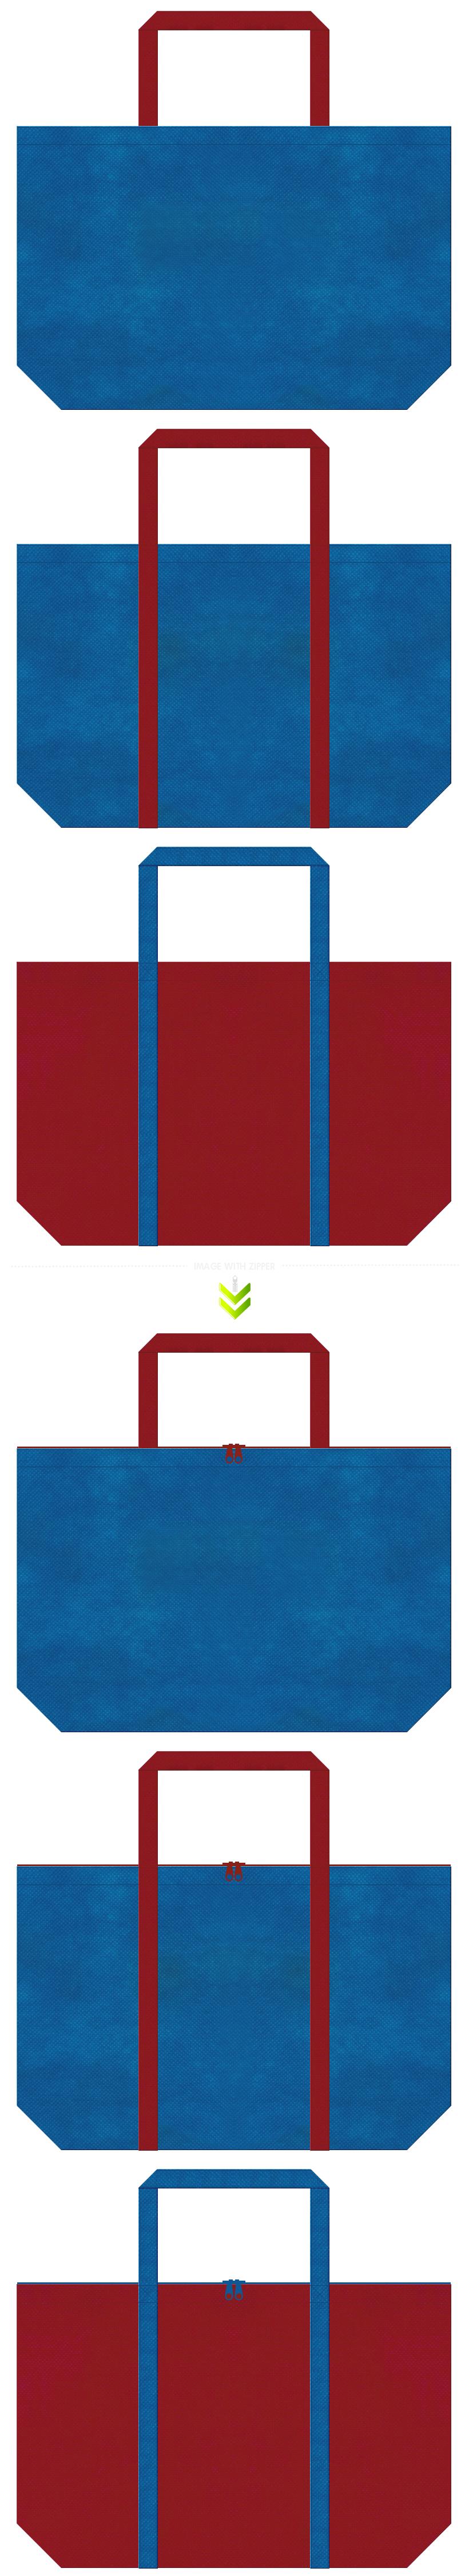 青色とエンジ色の不織布ショッピングバッグのデザイン